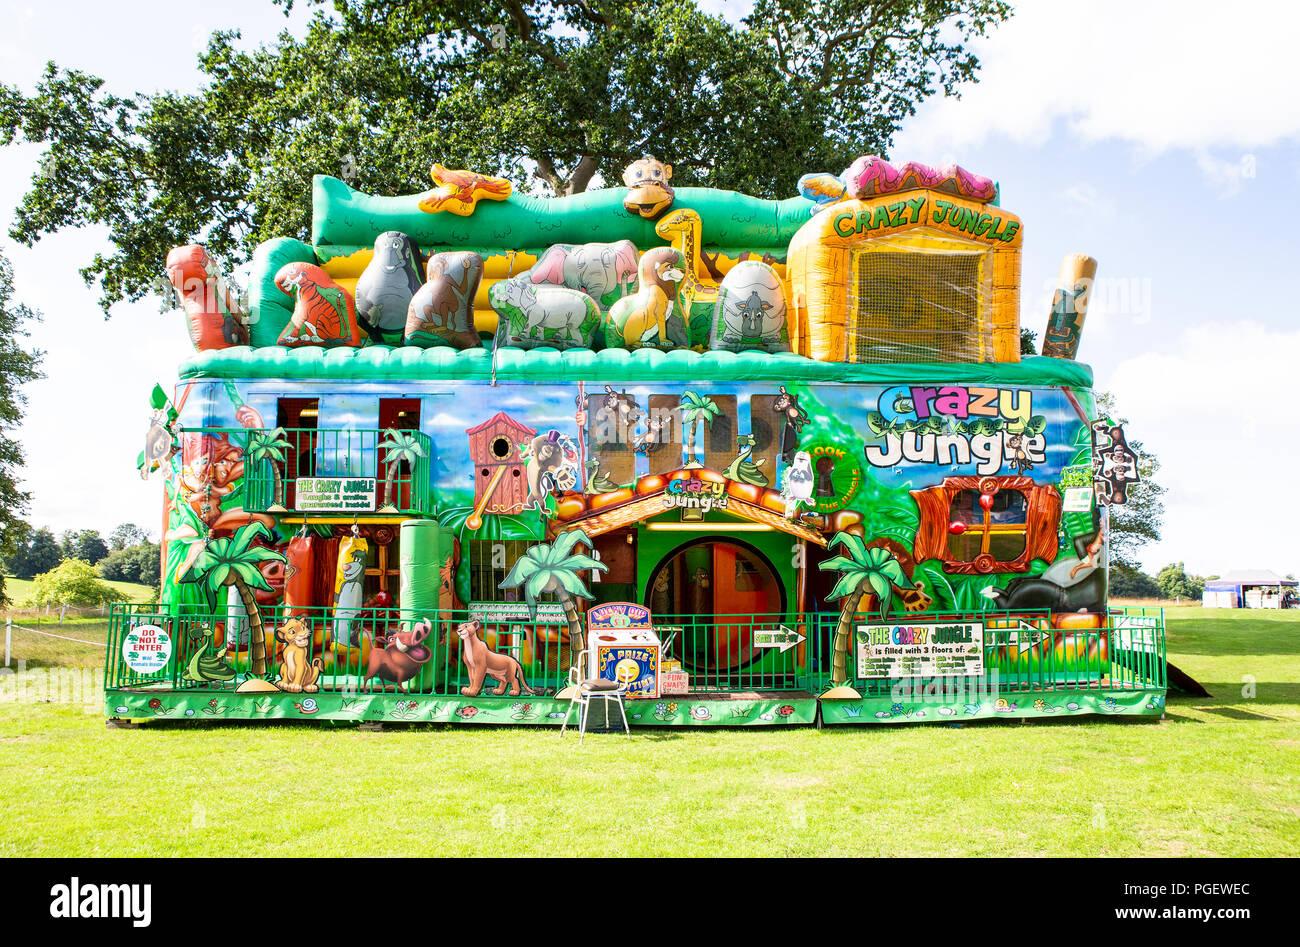 BOWOOD UK - 25 août 2018: Jungle folle au Great adventue gonflable British Food Festival tenu à Bowood House dans le Wiltshire Photo Stock